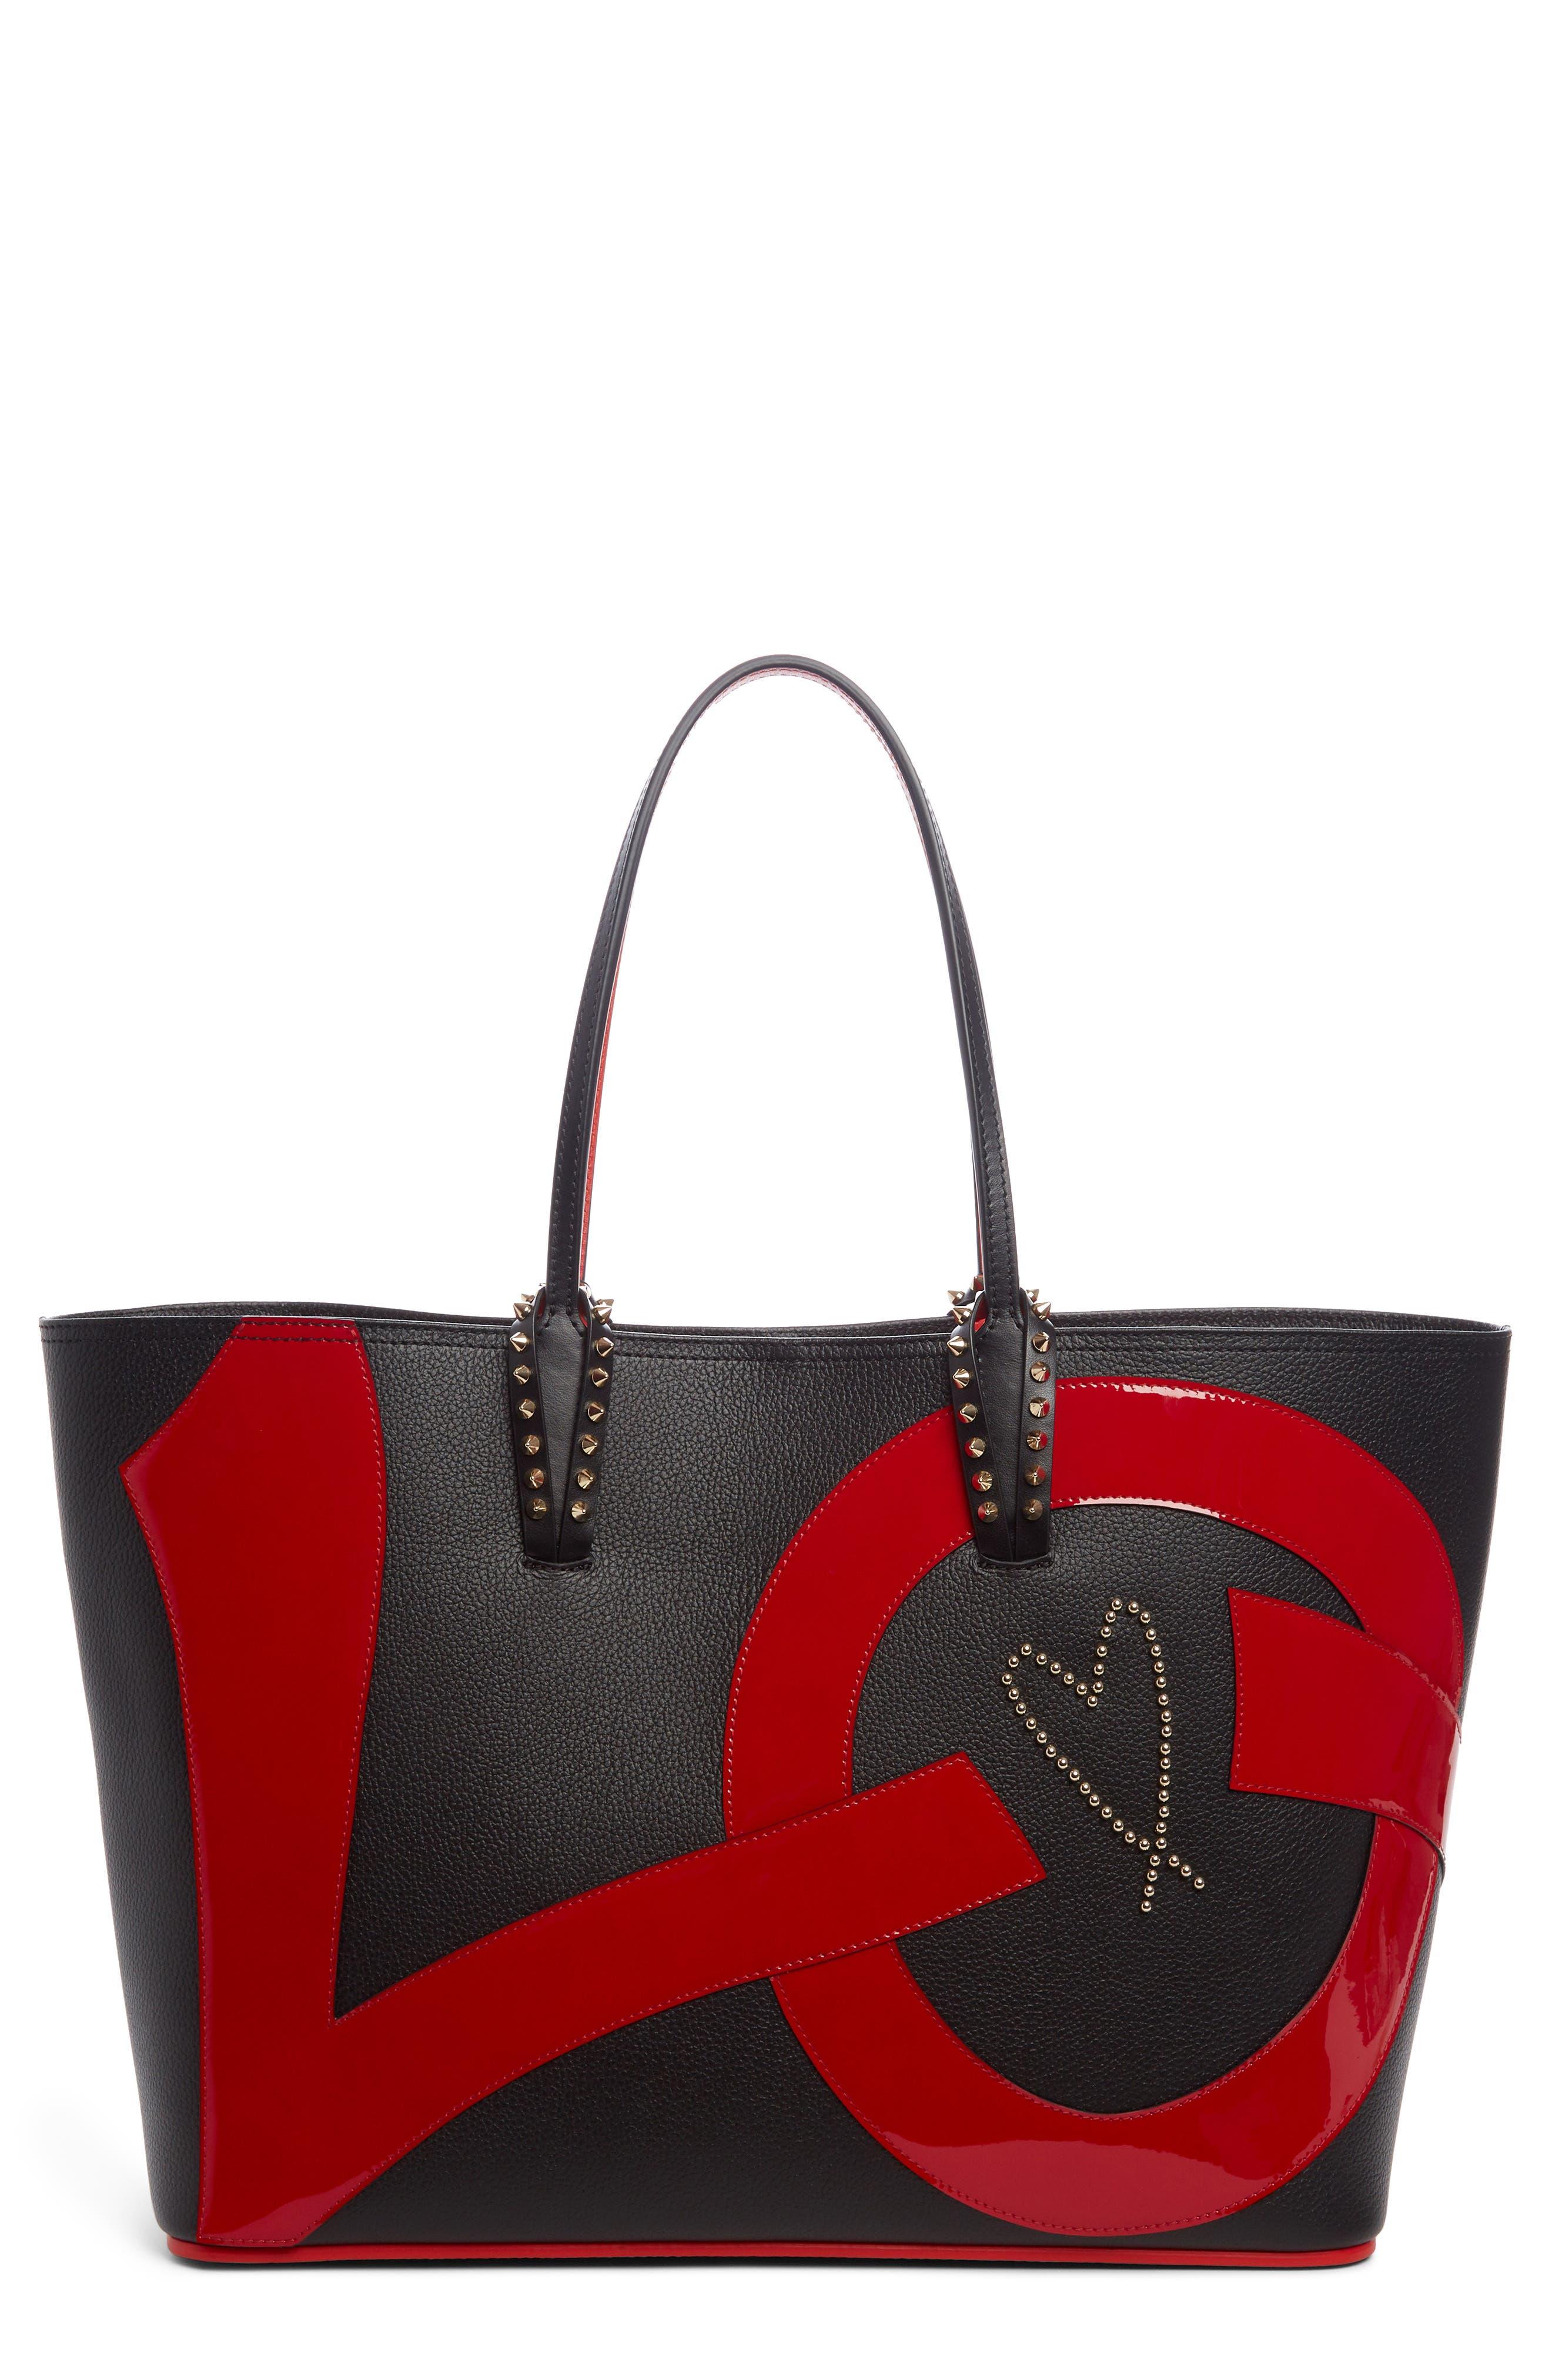 Cabata Love Embellished Leather Tote,                         Main,                         color, Black/ Black/ Red